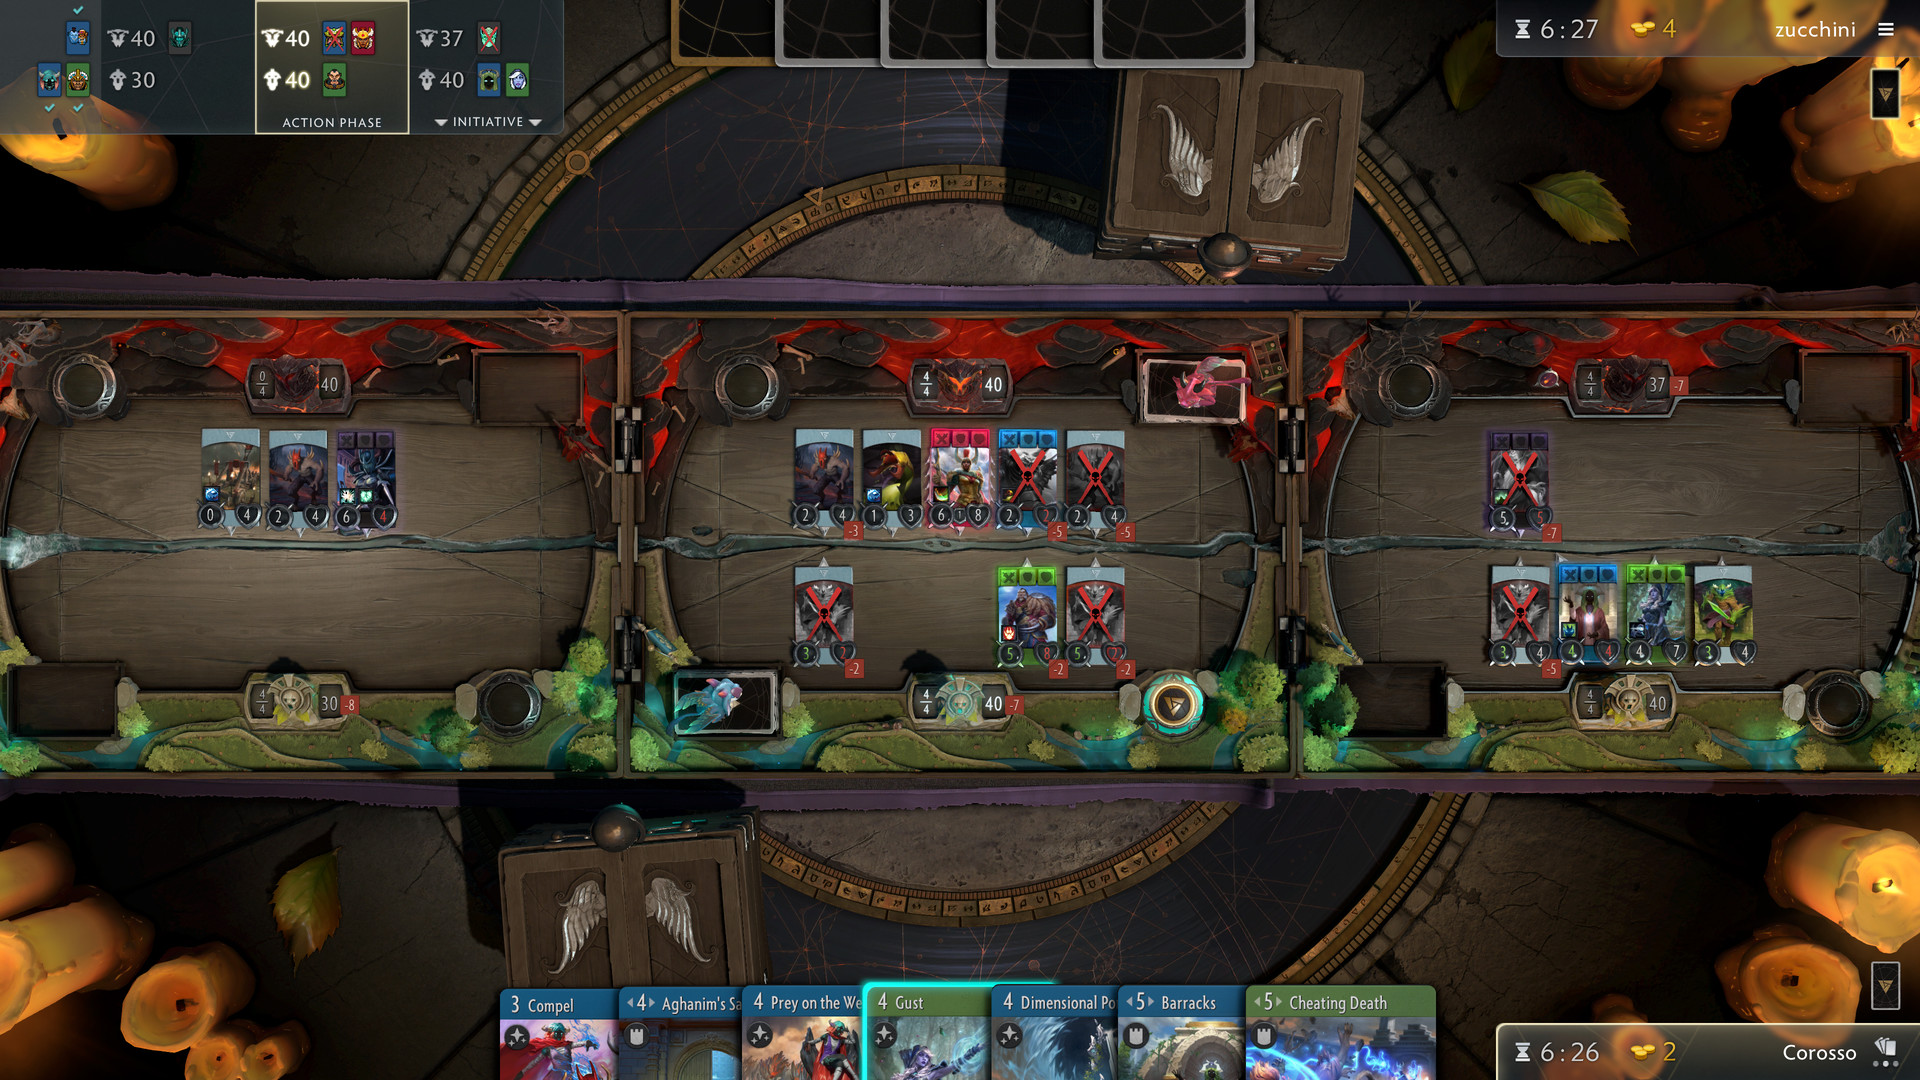 Legendary Designer Richard Garfield Taken Off Valve S Artifact As Player Numbers Plummet Alienware Arena